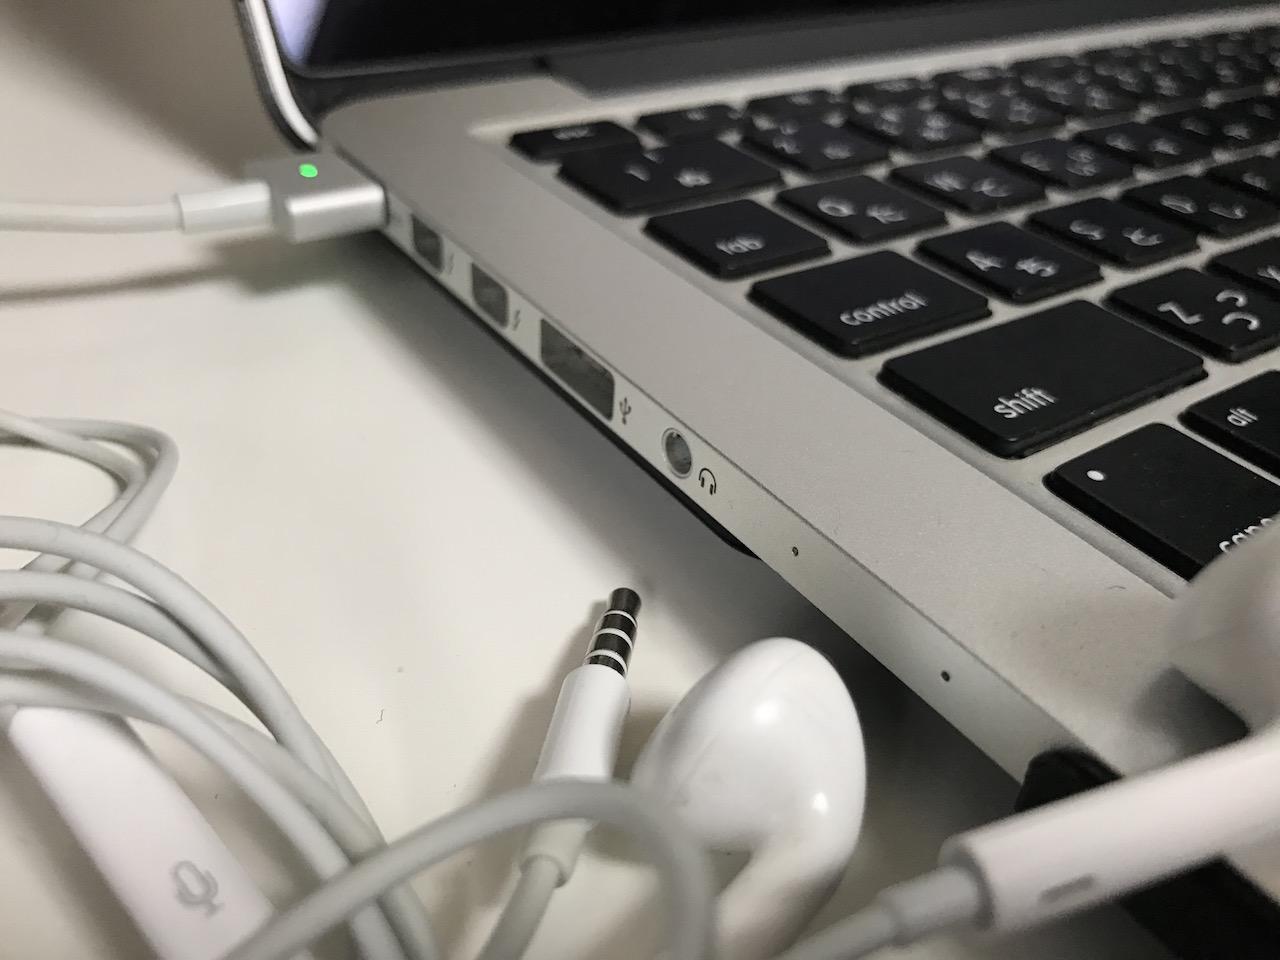 音が聞こえない!EarPodsが壊れたと思ったらMacBookProのイヤホンジャックが壊れてた!と思ったら・・・